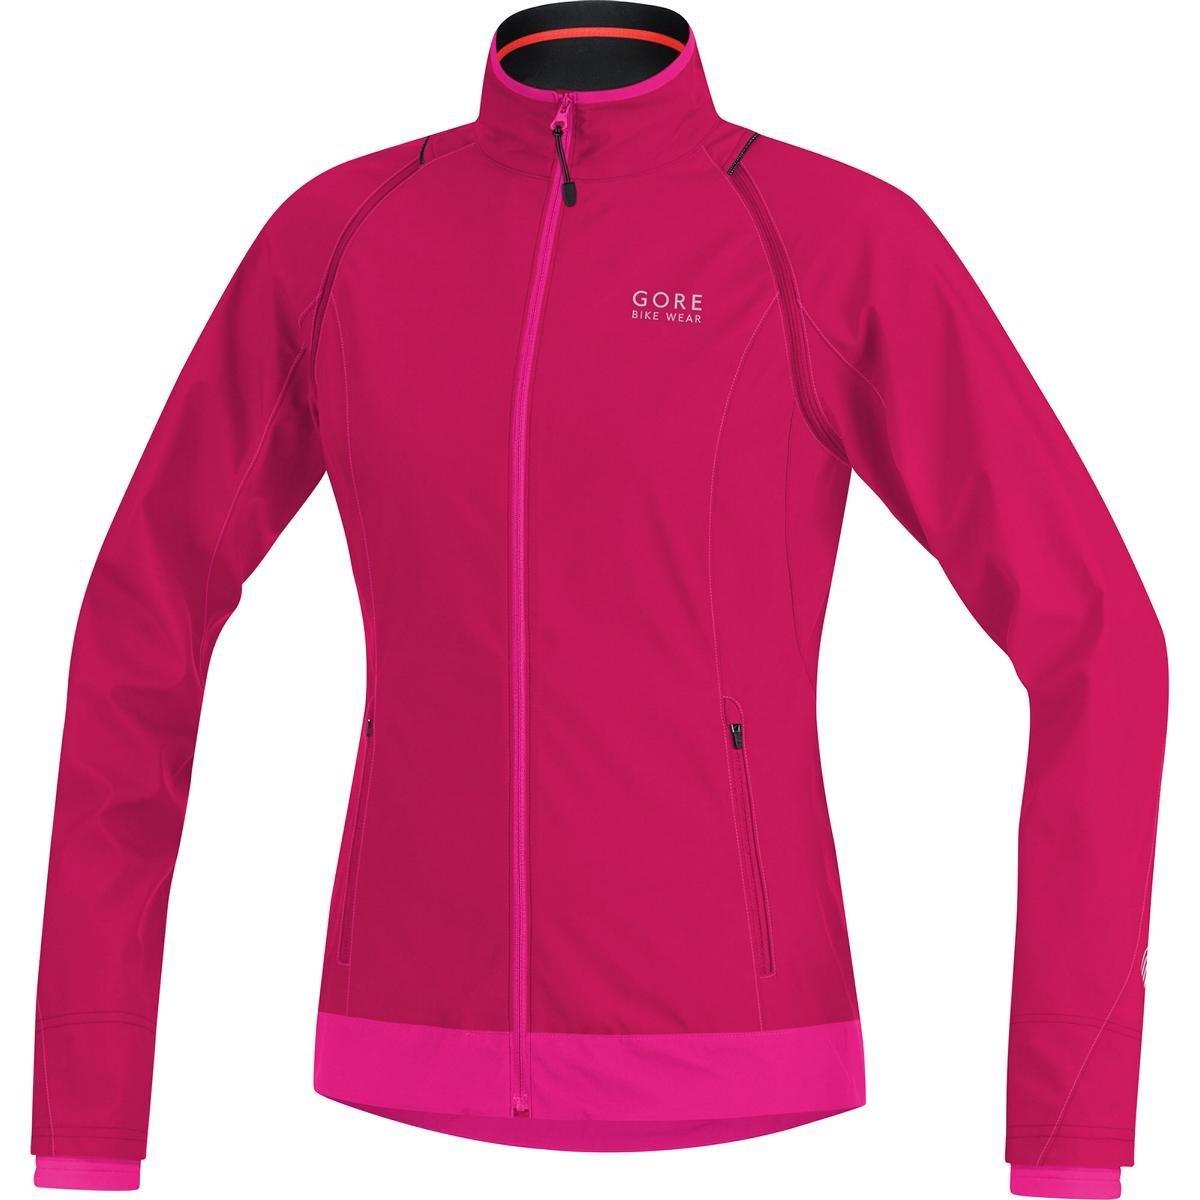 GORE BIKE WEAR Women's Element Wind Stopper Active Shell Zip-Off Jacket